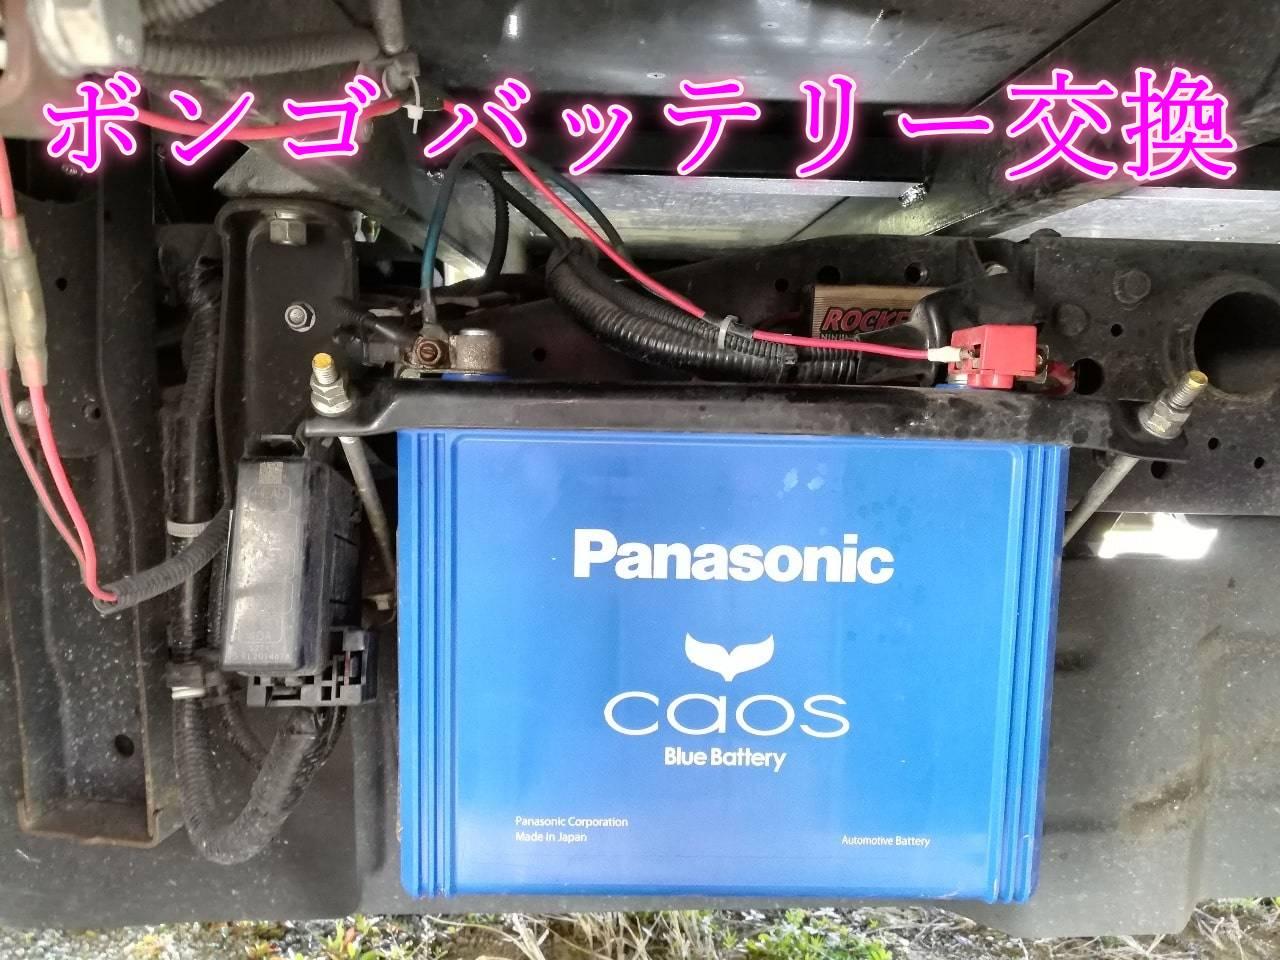 マツダ ボンゴ キャンピングカーのバッテリーを最安値で交換した手順と方法 型式80D26L⇒カオス125D26L